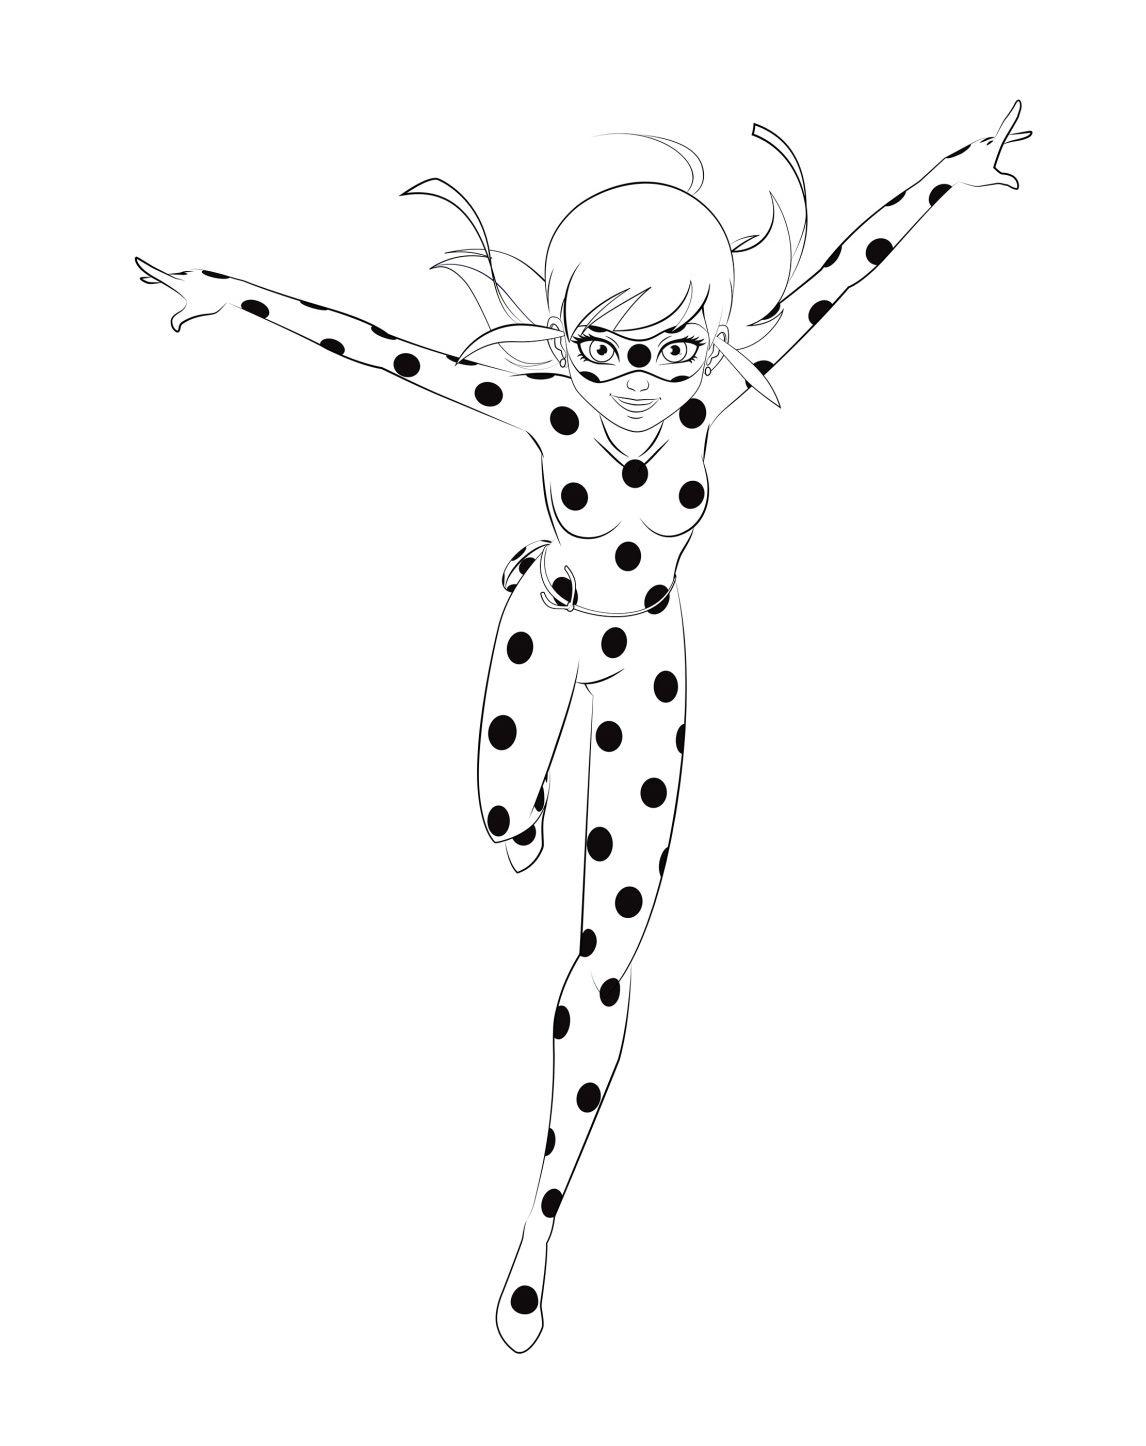 E Hoje Trago Desenhos Para Imprimir Colorir Da Miraculous As Aventuras De Ladybug LadybugLadybugsColoring SheetsColoring